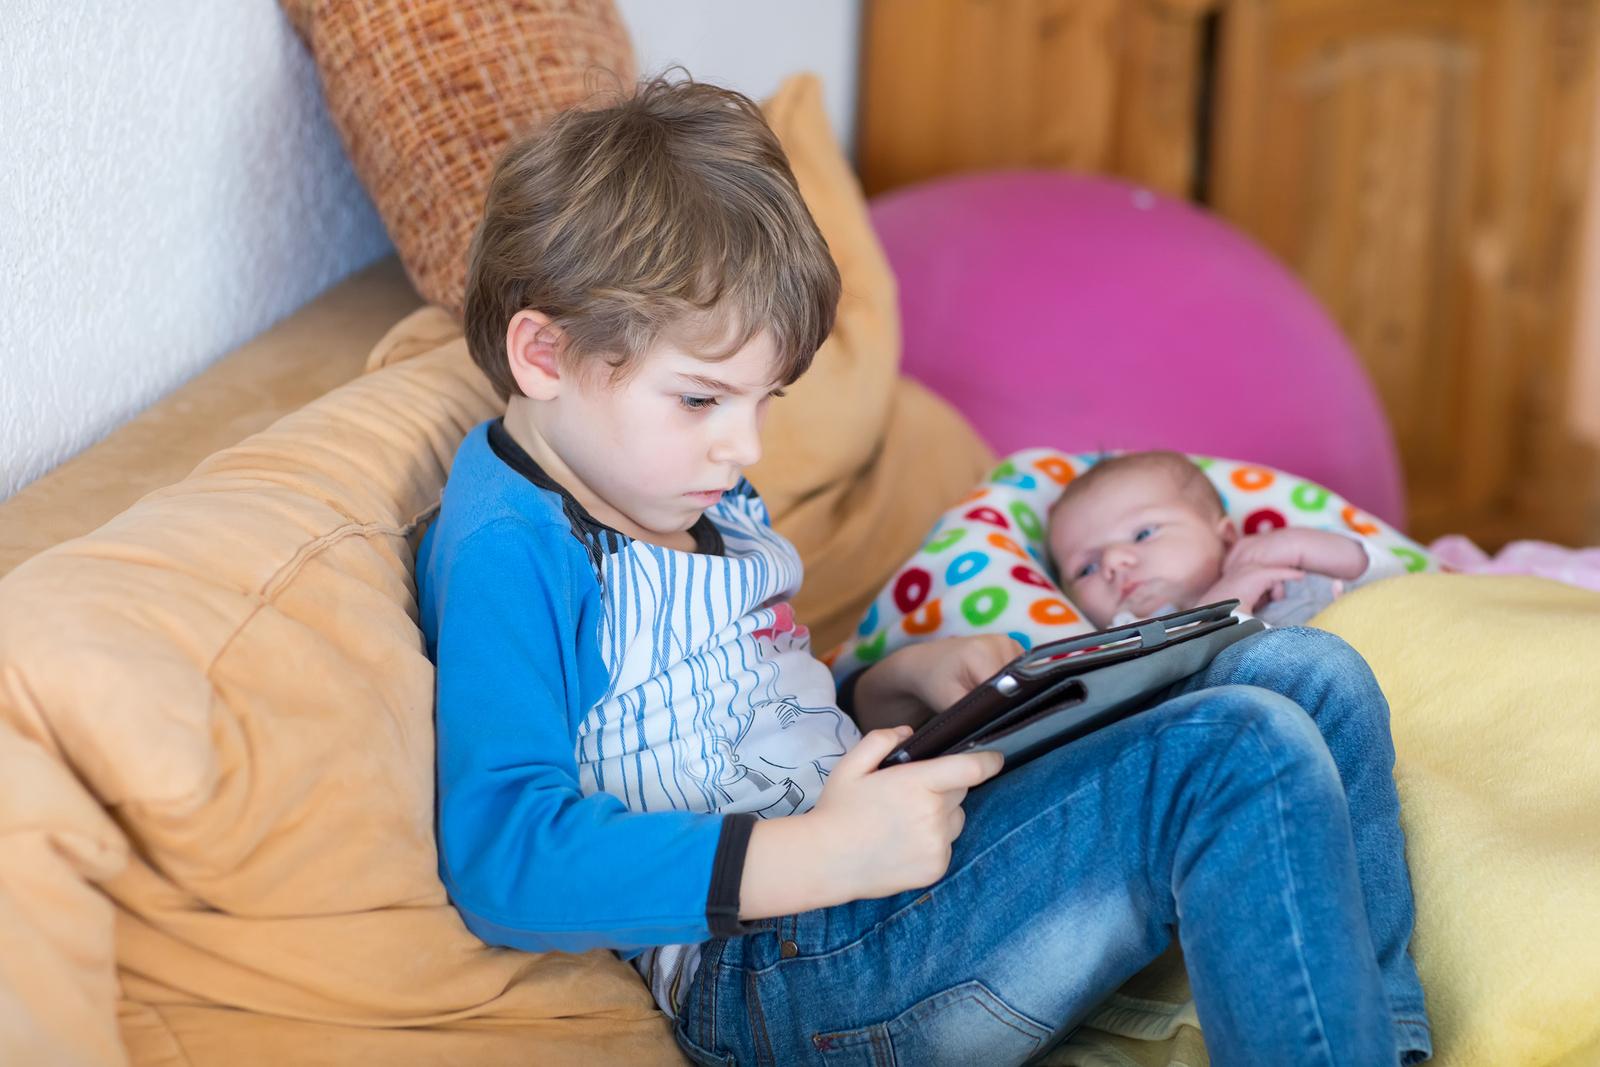 La plataforma Kuicco busca concientizar a padres, escuelas y alumnos sobre seguridad y privacidad en línea. - Foto: Bigstock